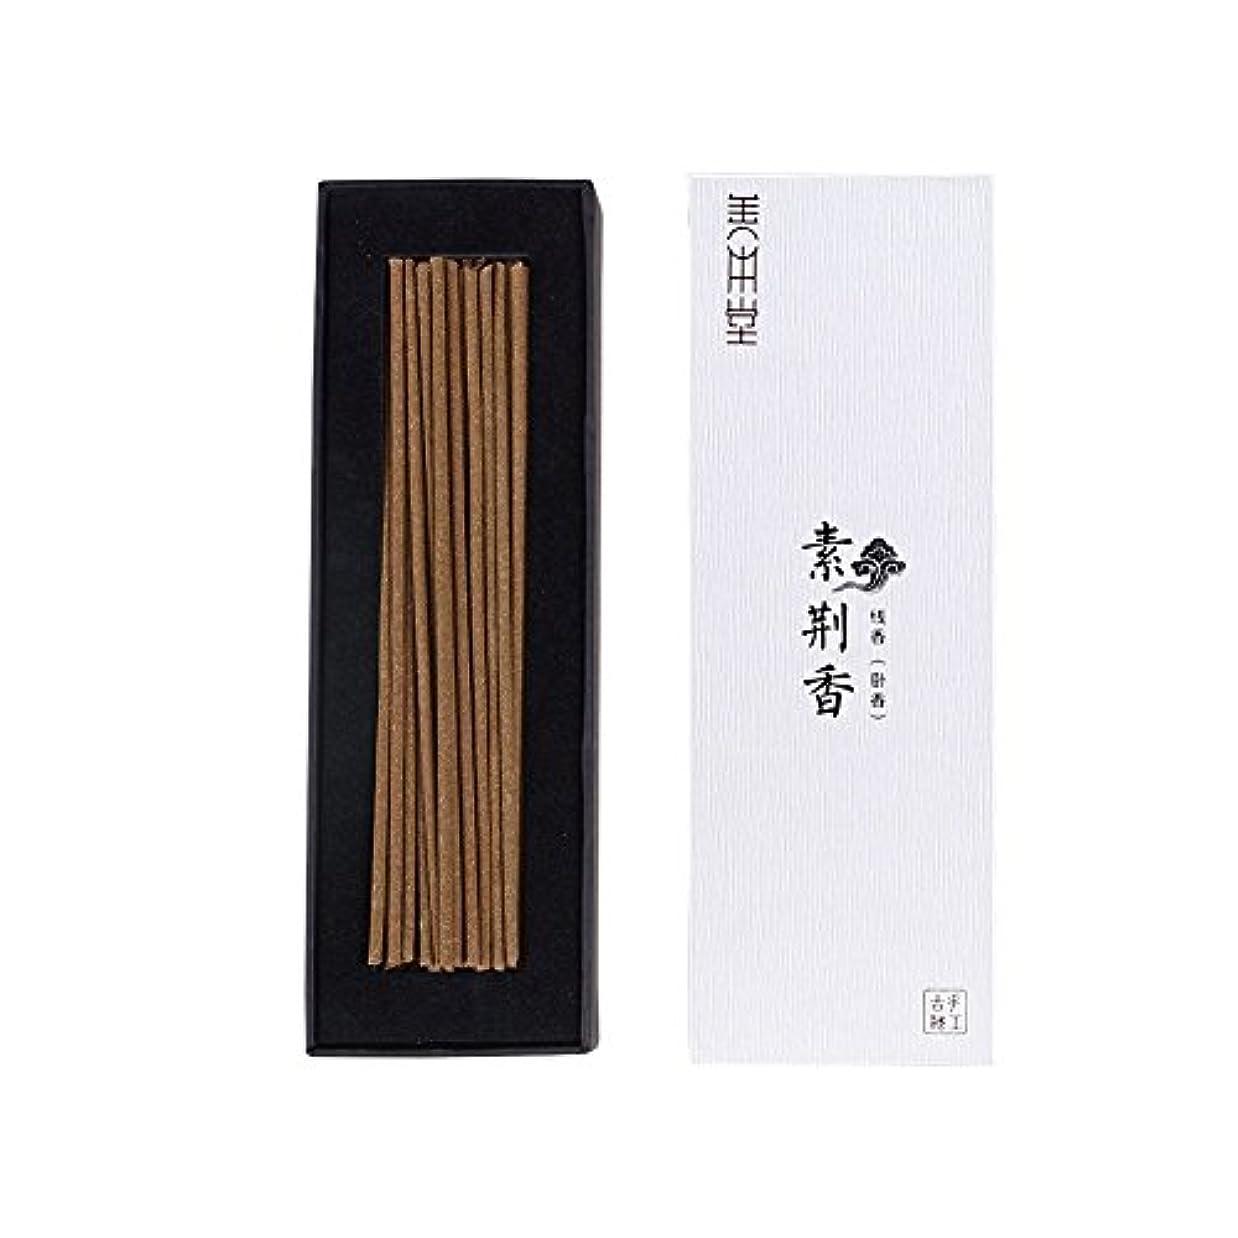 損傷チート依存するshanbentang Incense Sticks Classical Chinese Incense、古代の知恵、アロマの千年前5.5in